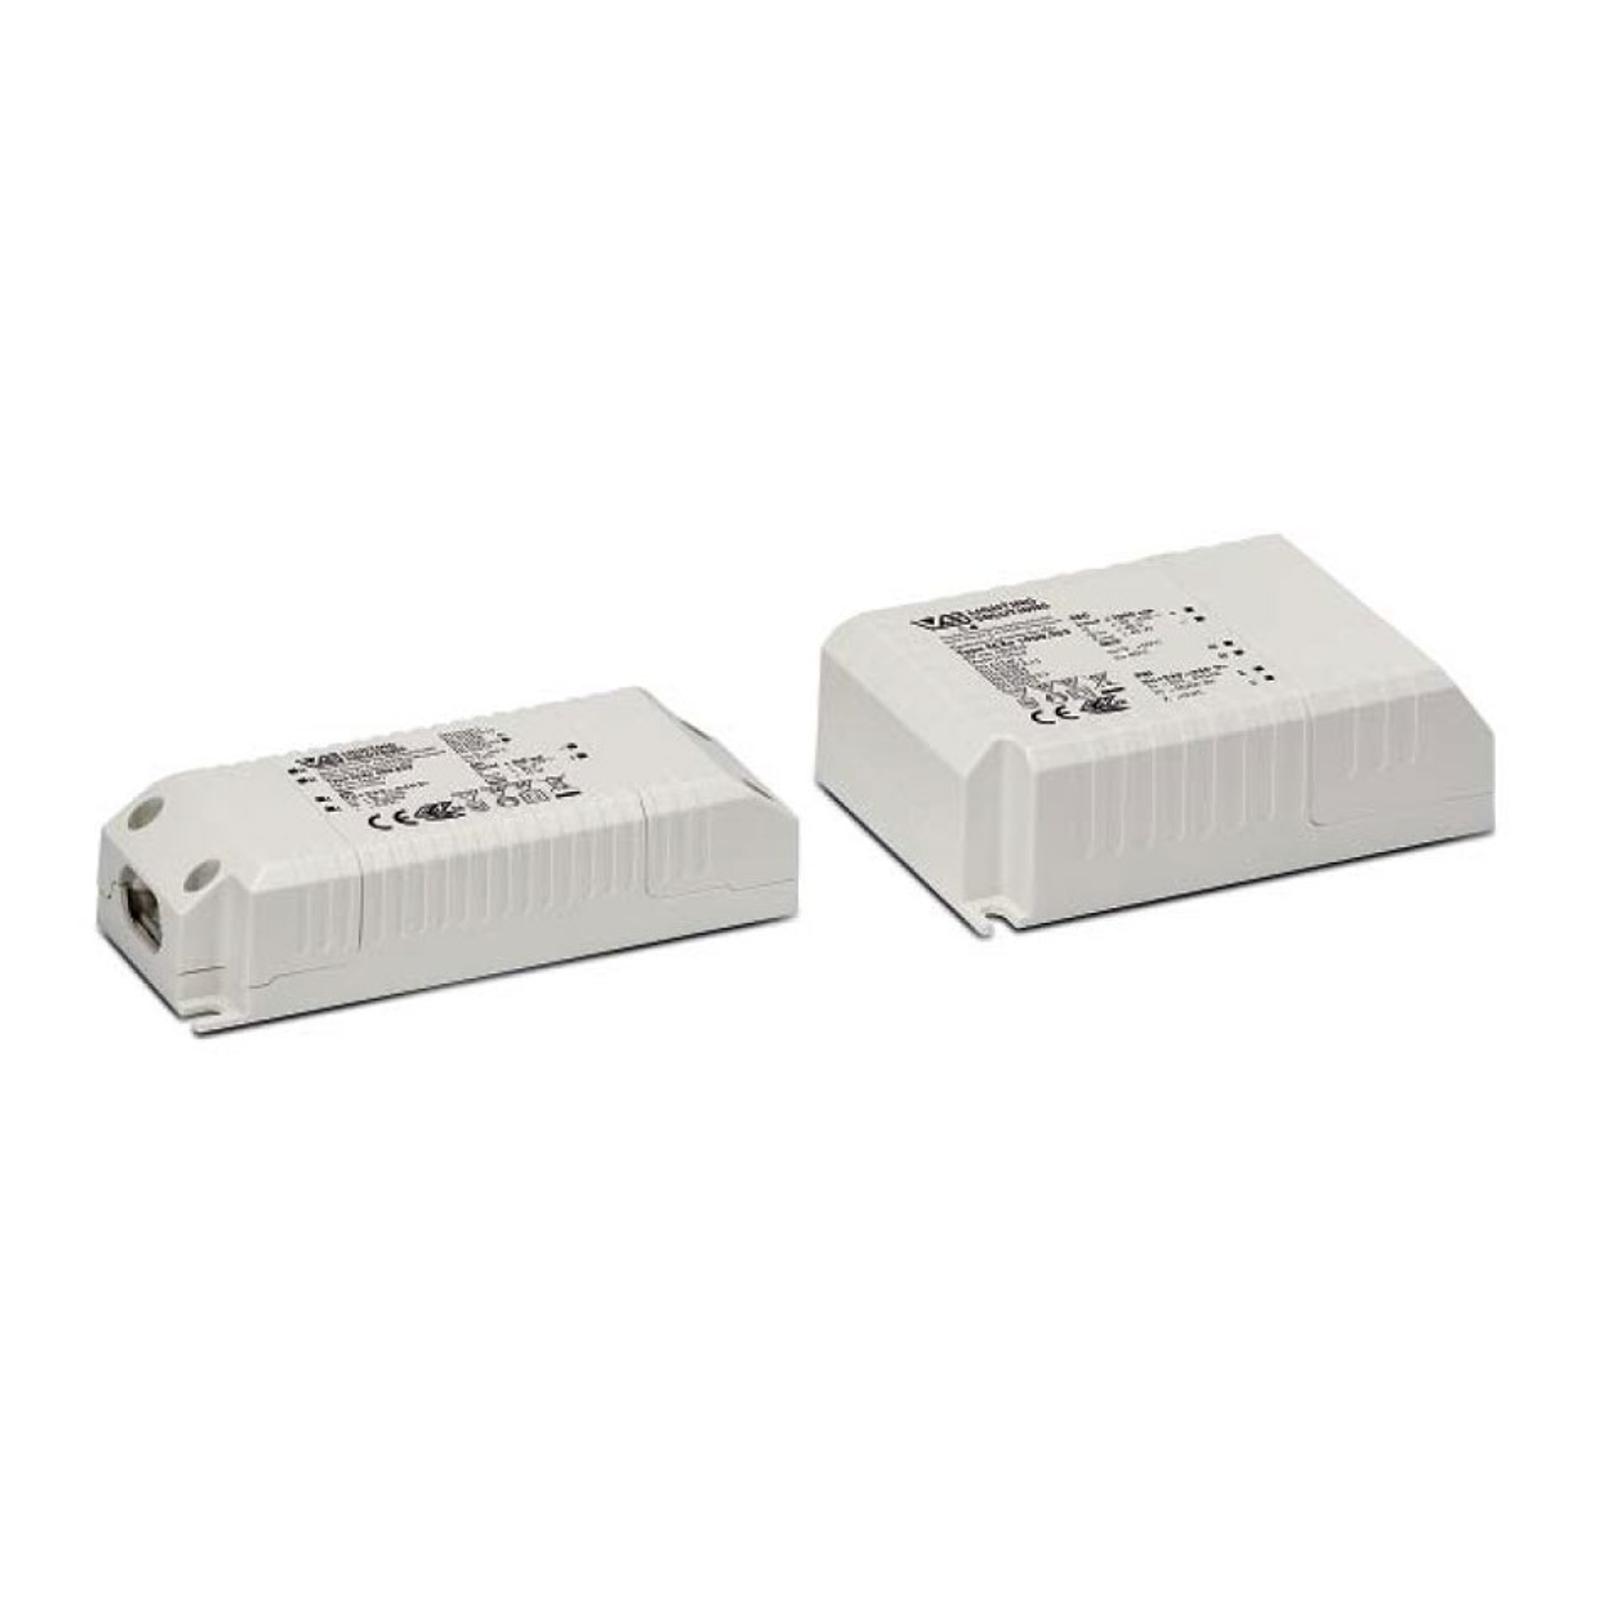 LED driver 1.050mA 32-45W, constante stroom